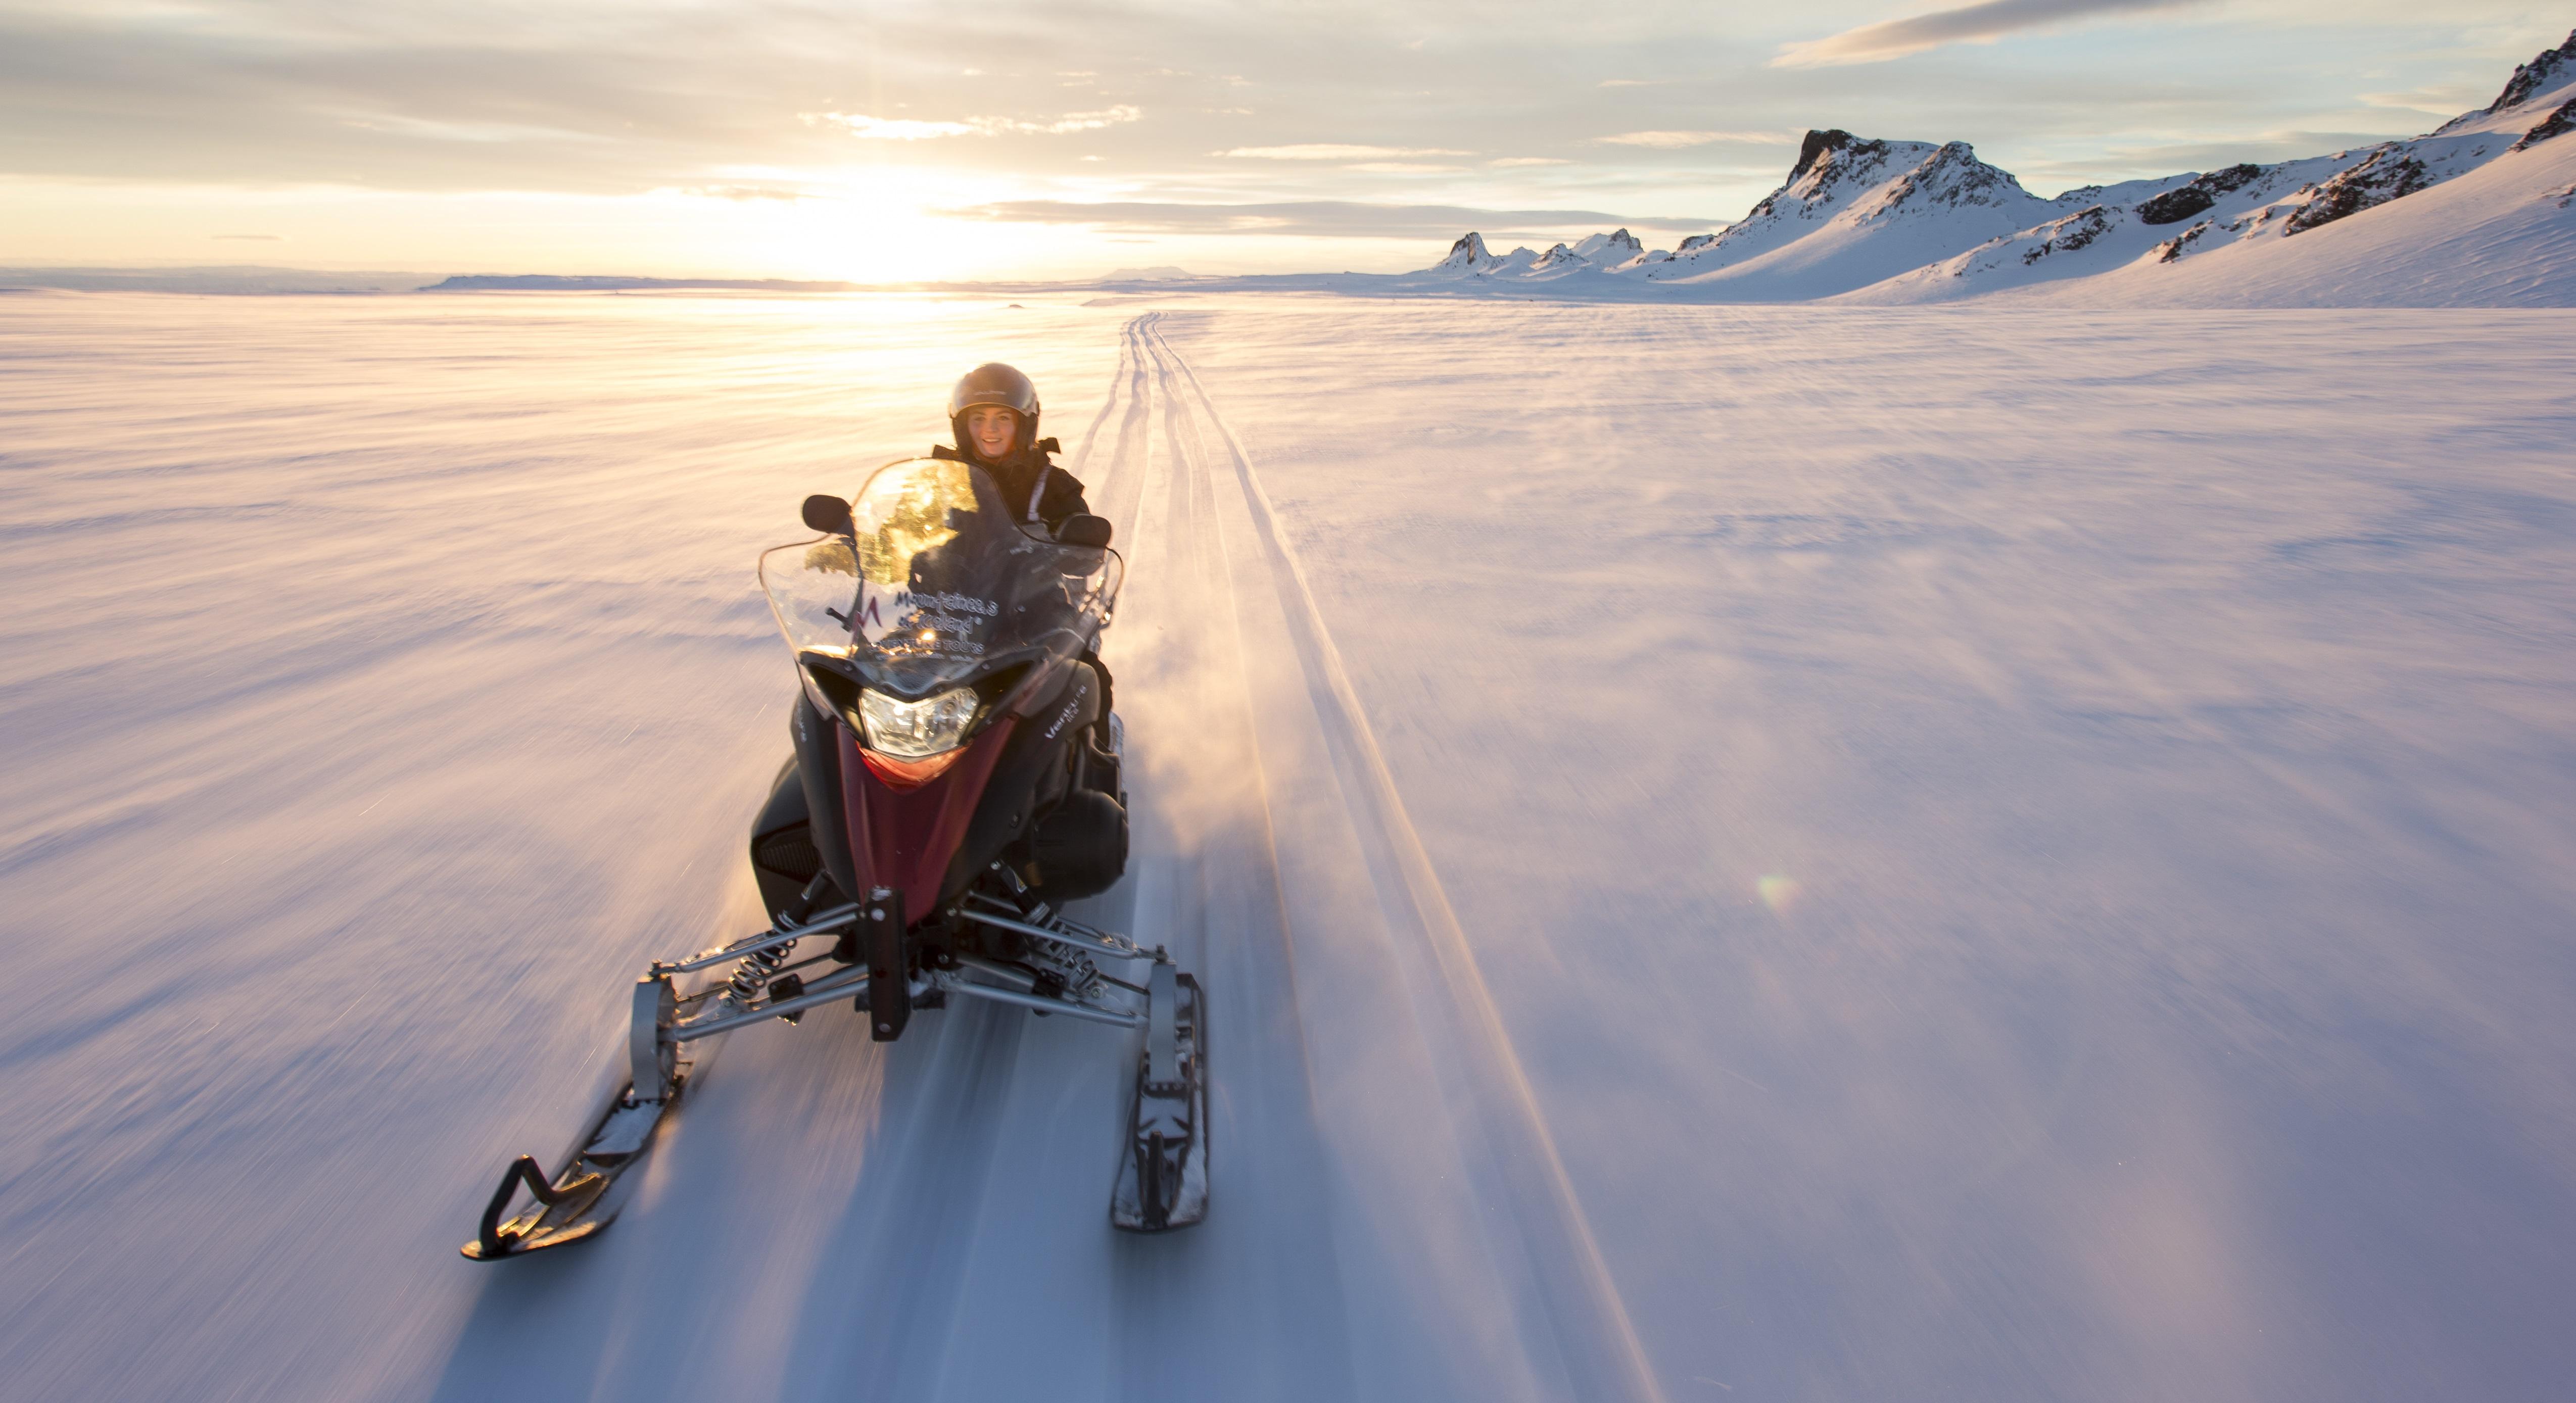 Disfruta de tu aventura en moto de nieve por lo alto del glaciar de Langjökull en Islandia.